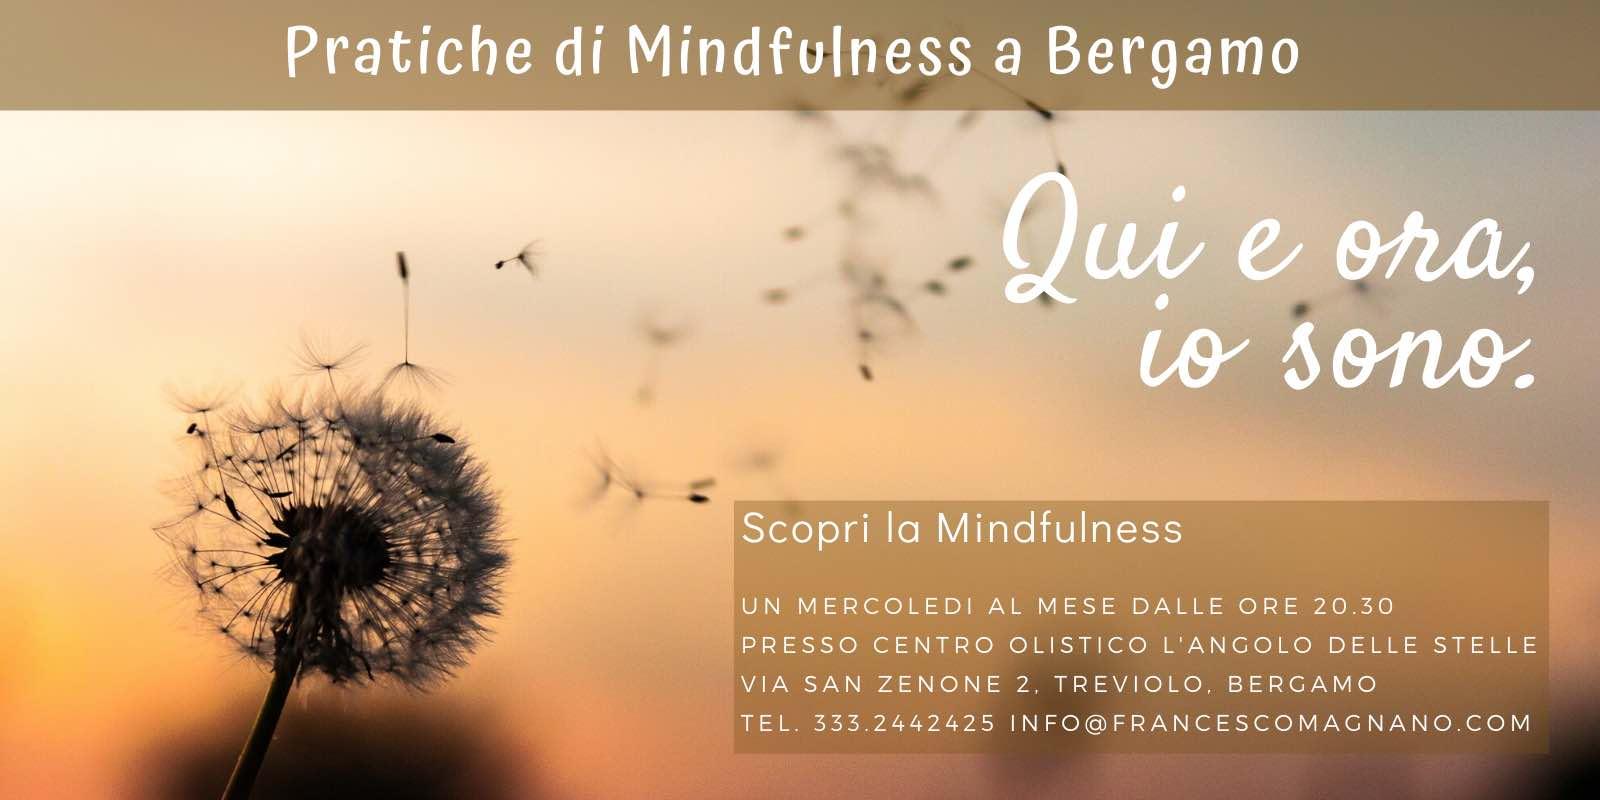 pratiche di mindfulness a bergamo 2020